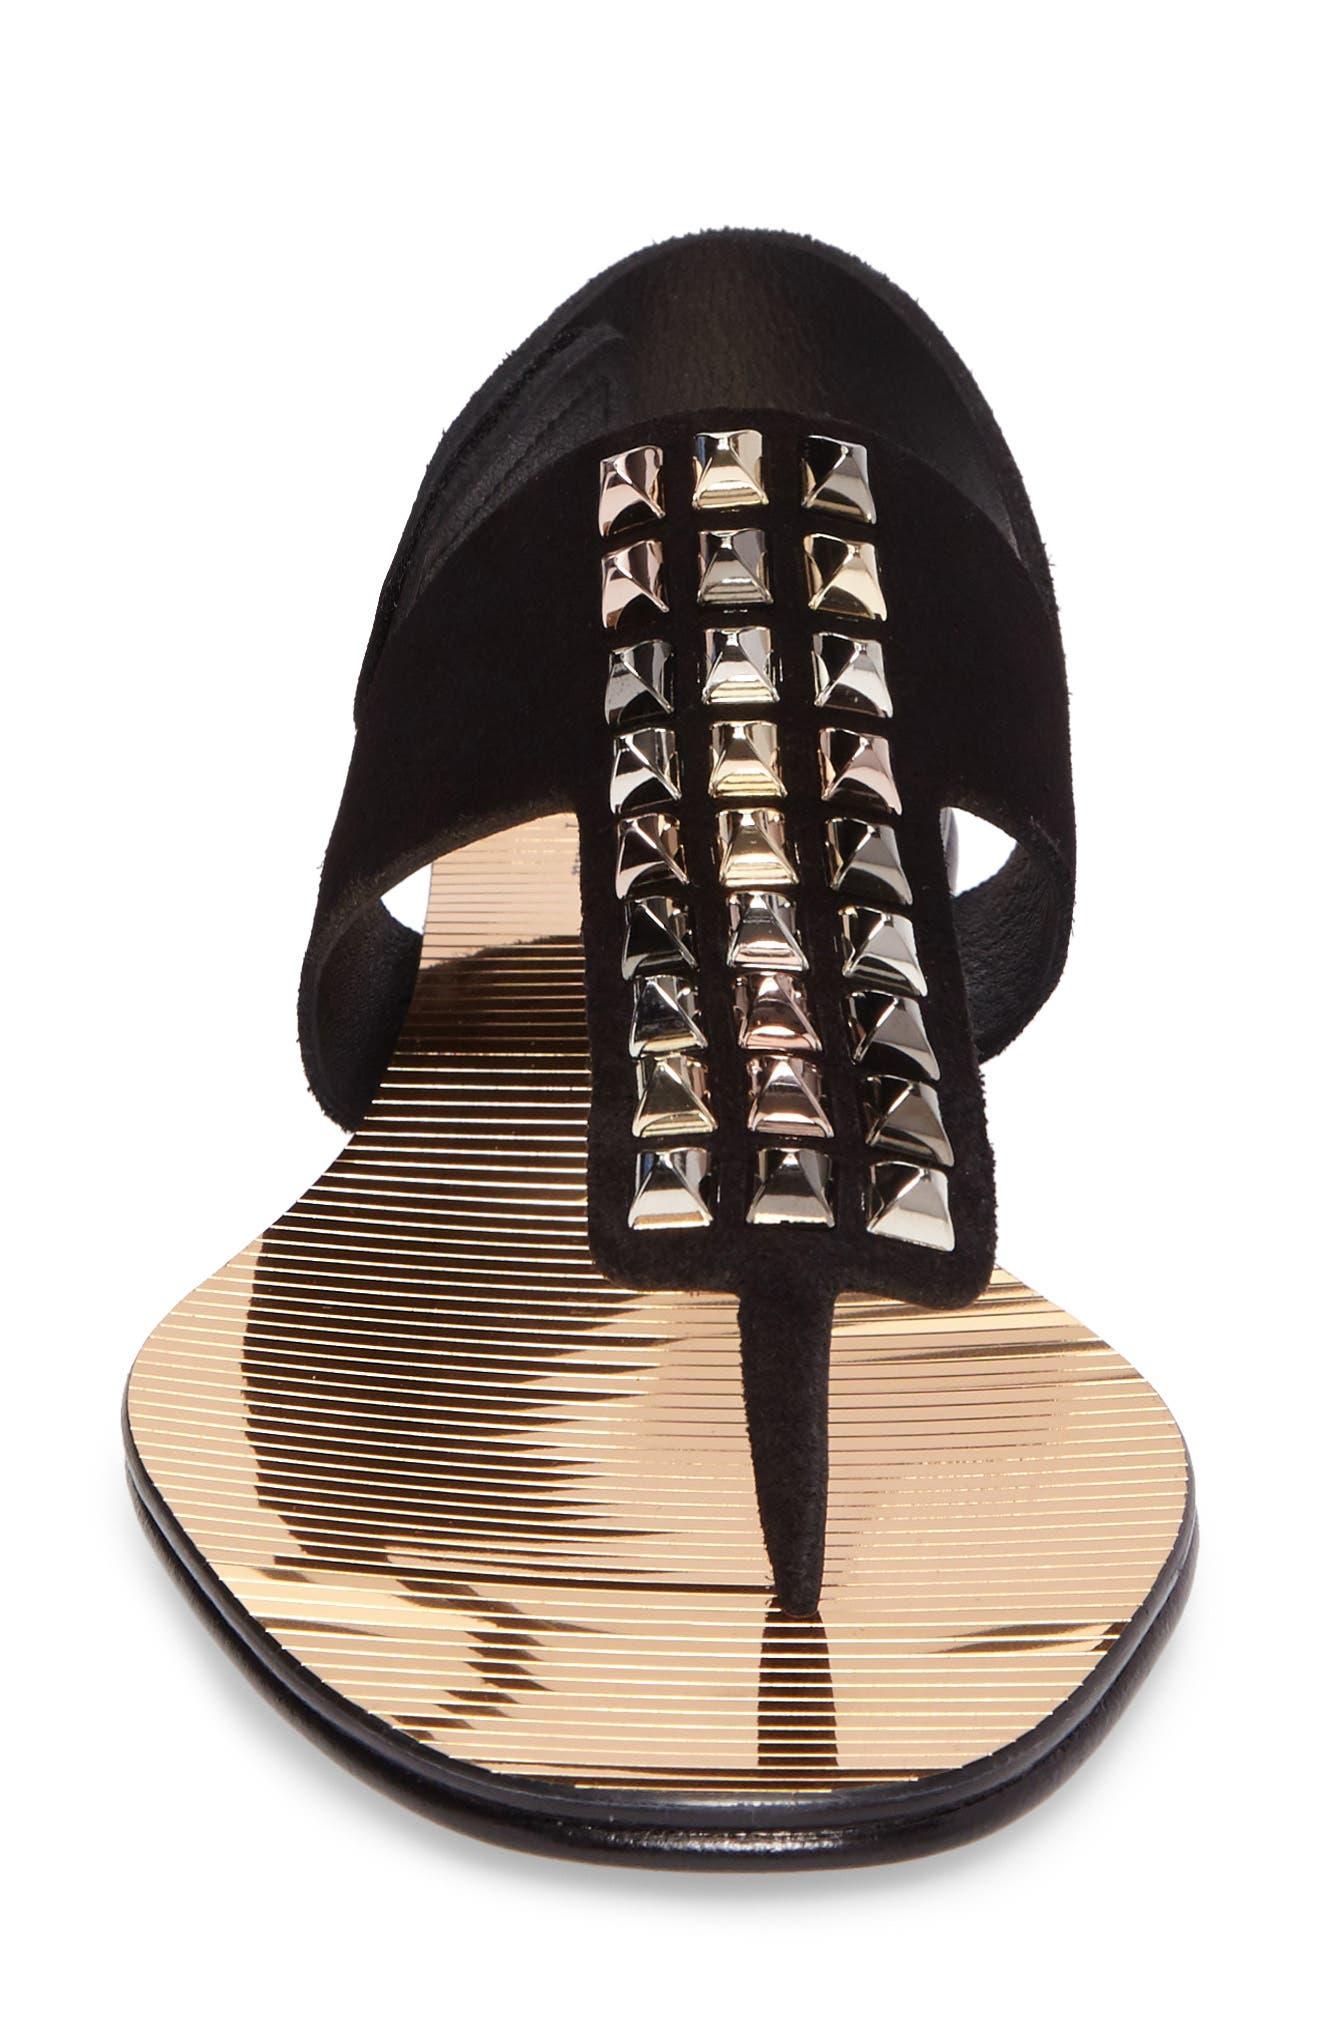 Enid Studded T-Strap Sandal,                             Alternate thumbnail 4, color,                             Black Castoro/ Gold